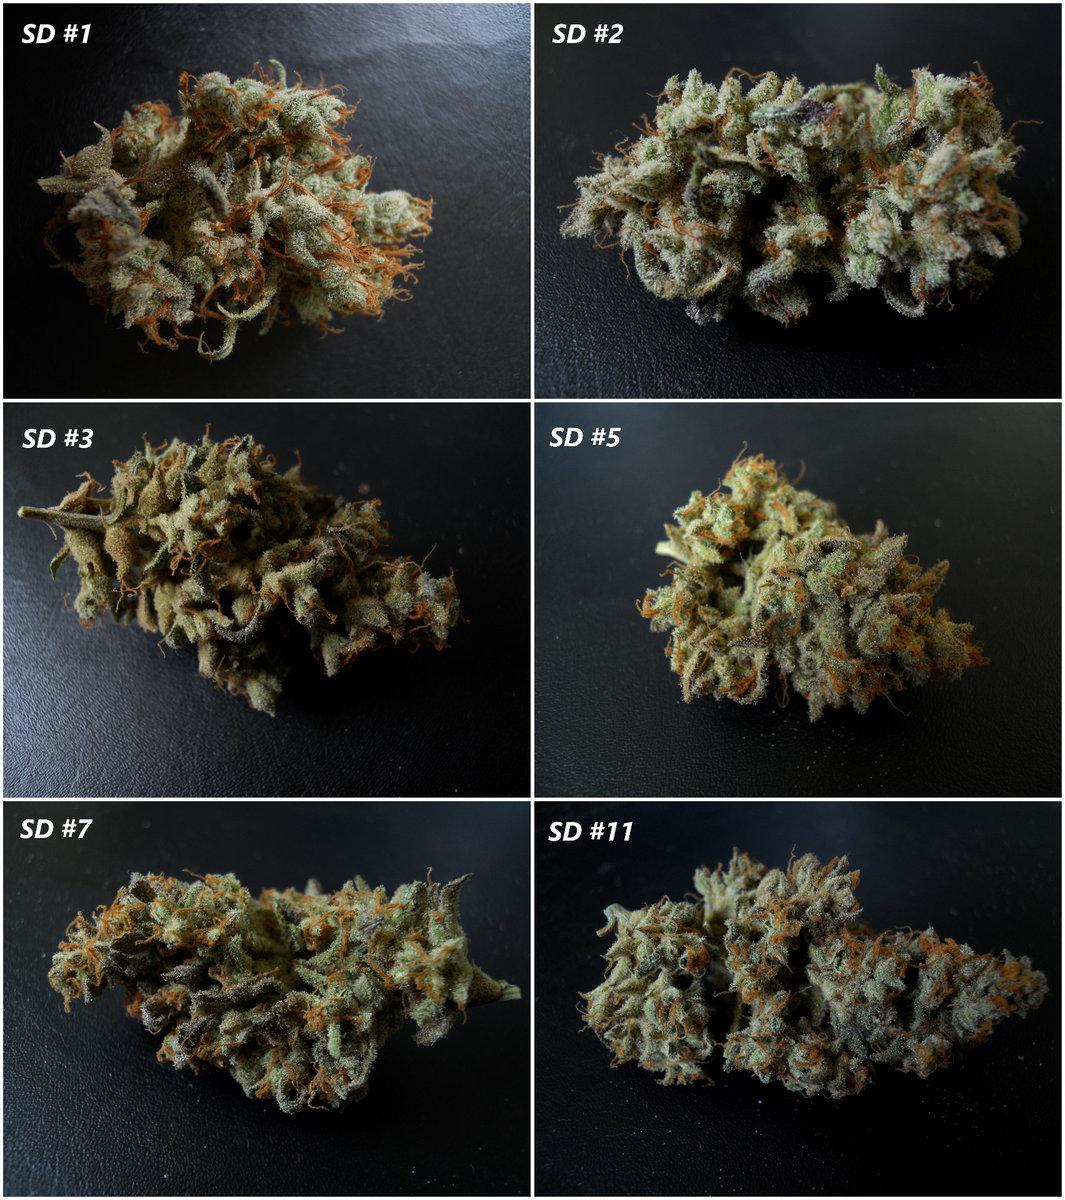 Mozaïque F4 SD (F3#1.3) - Flo +90 c Boutons floraux.JPG